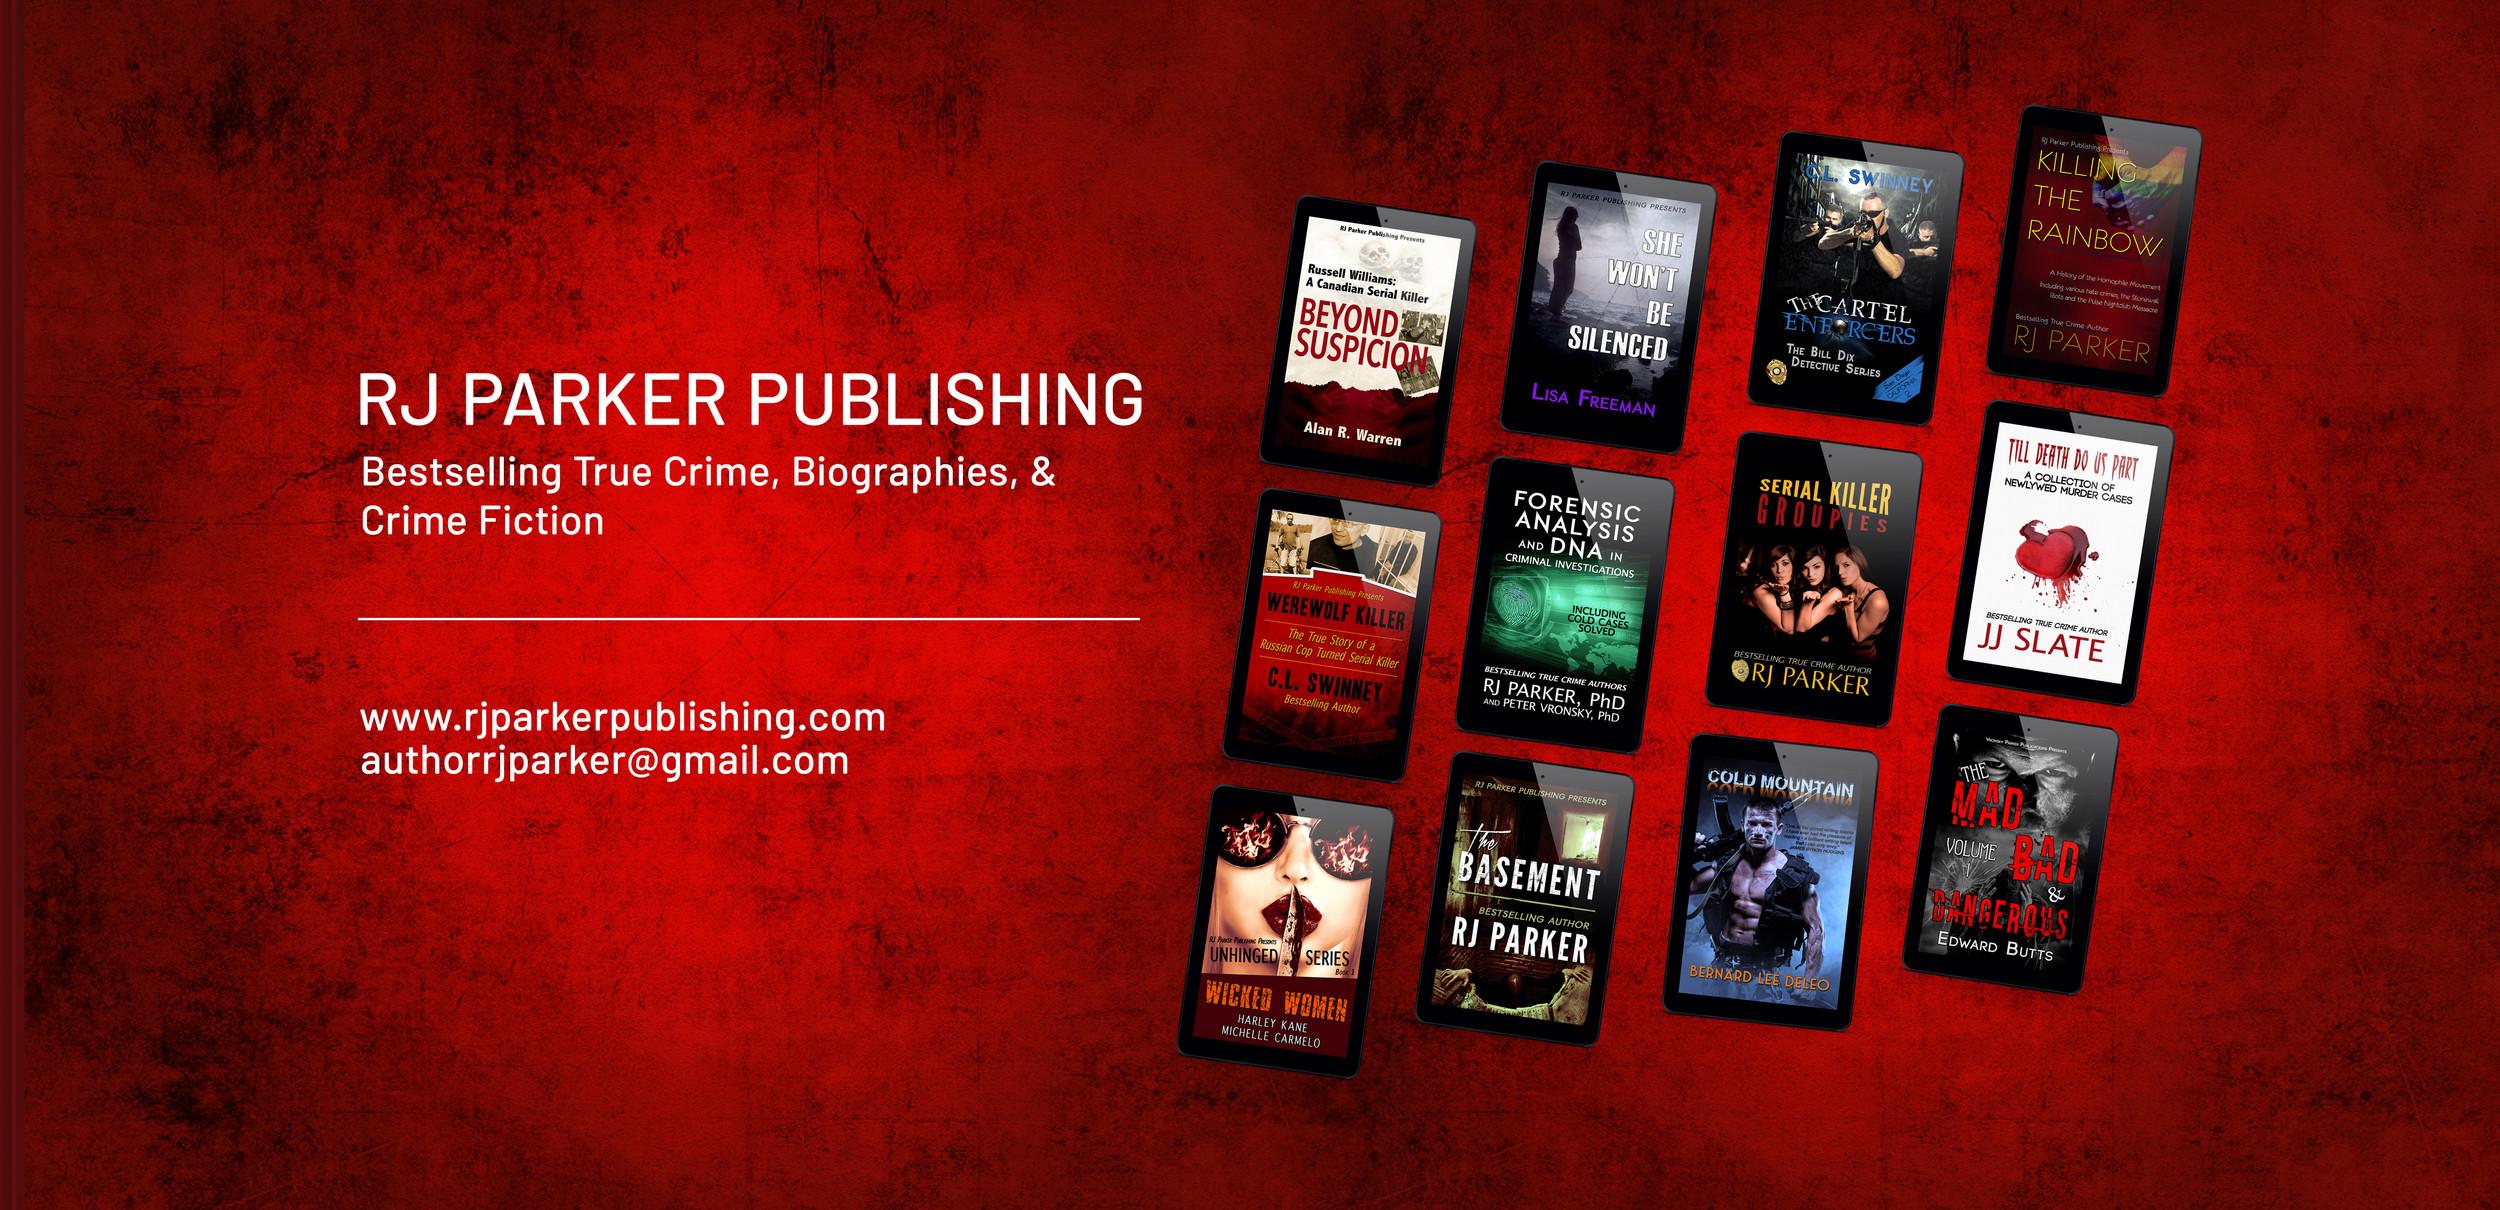 SKTCA-IMAGES | RJ Parker Publishing